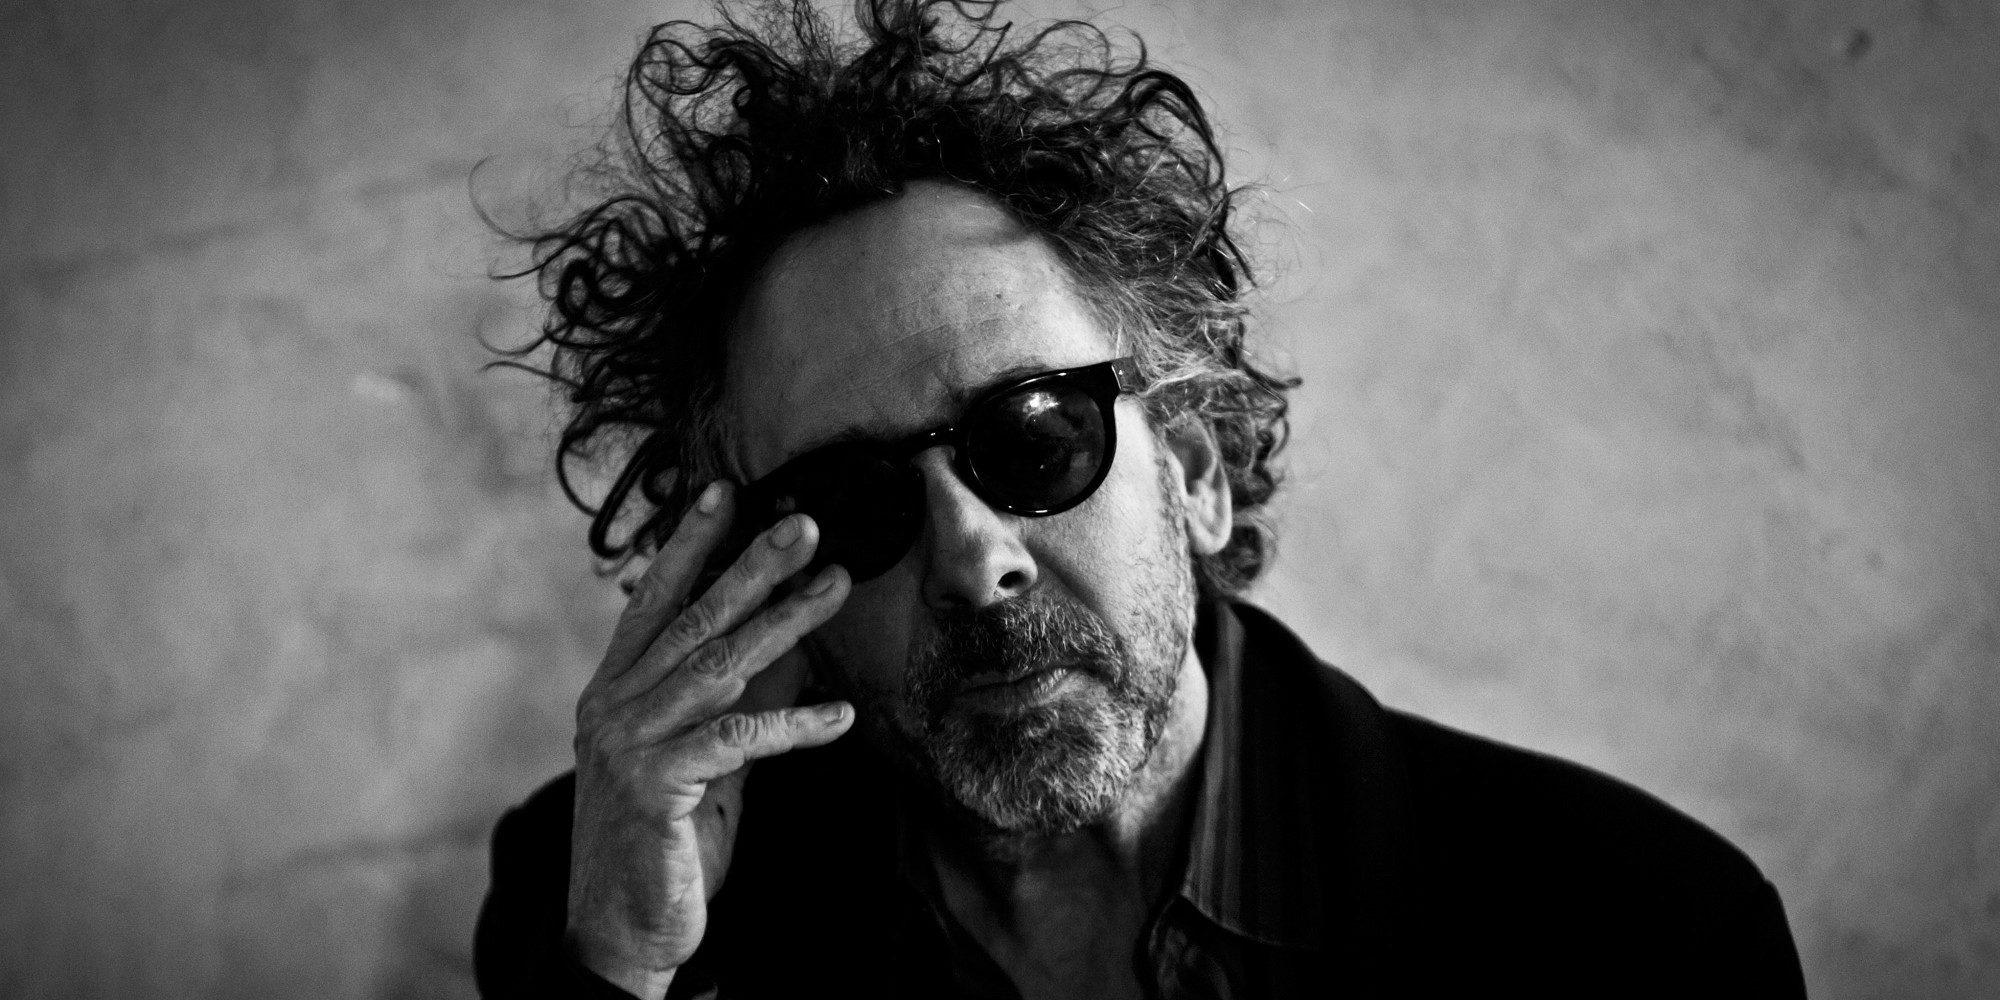 Las 5 películas que Tim Burton nunca tendría que haber dirigido